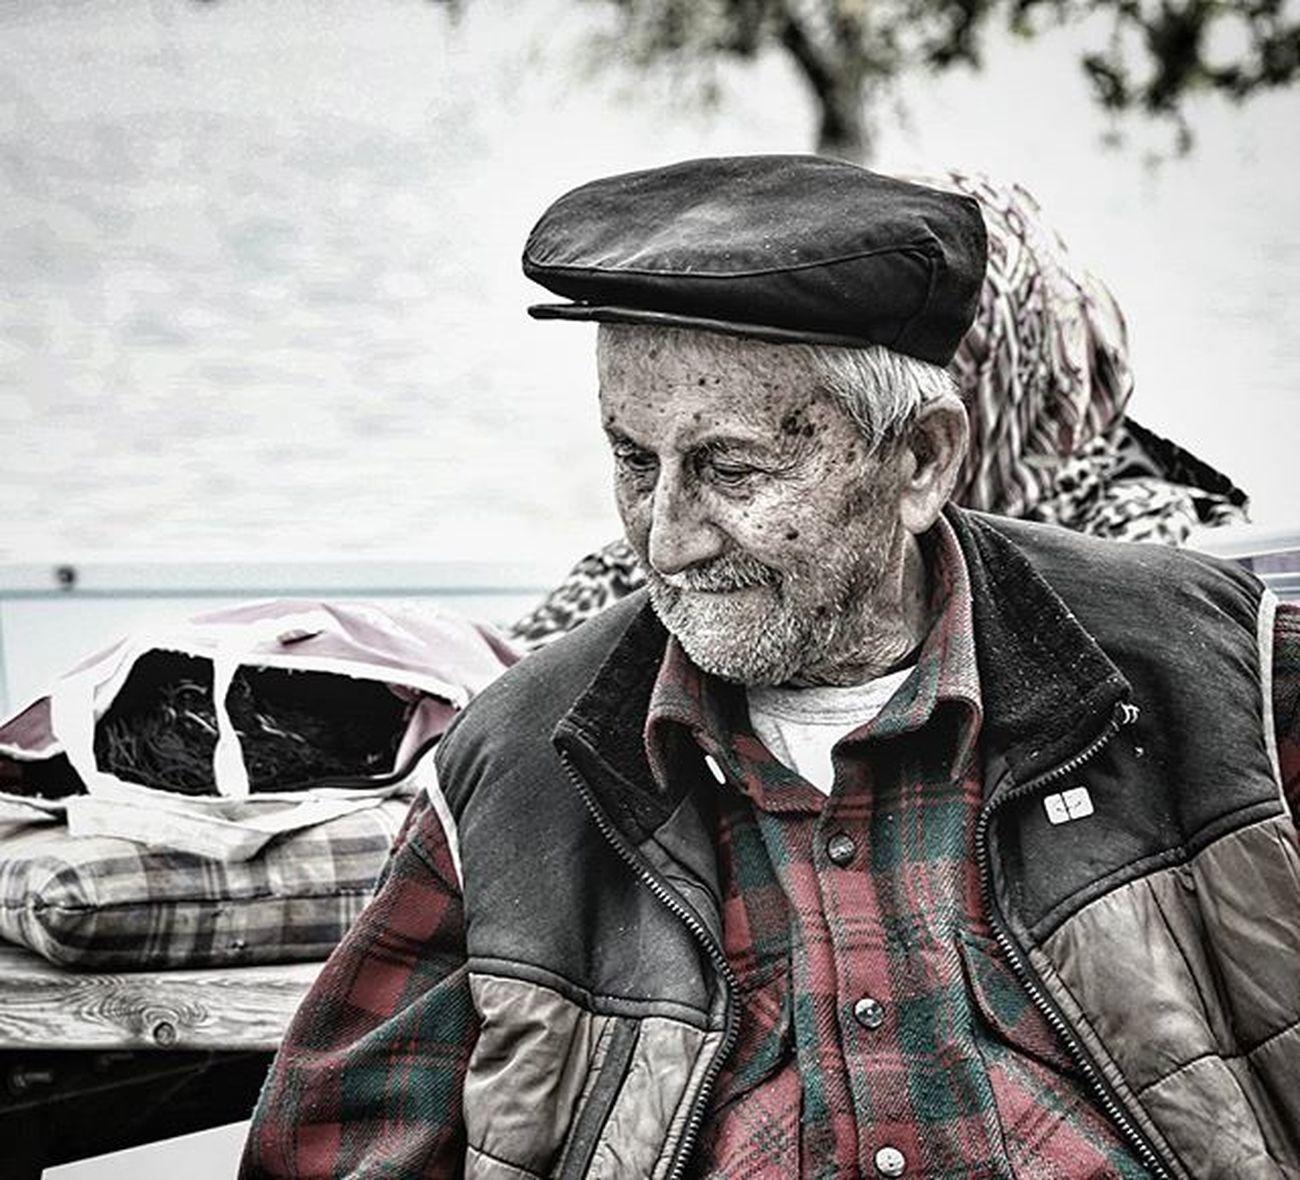 Kaçsam kaçamam her yerde kokun var.Sensiz uyandığım kaçıncı günüm Aynada gördüğümyorgun yüzüm Bana hiç tanıdık gelmiyor inan...hayırlı aksamlar... Vodartfotografkulubu GÖLYAZI Istanbuldayasam Oneistanbul Fotografhanem Istanbulda1yer Photo_turkey Mycapture Photooftheday Instafollow Instalove Portrephotography Fantastic Sehir_istanbul Anilarinisakla Instagramturkey Turkiyem Altinkare Nature Nature_perfection Ig_captures Ig_great_pics Igers Instamood Like4like aniyakala allshotsturkey turkobjektif vscoturkey hosgeldinarcelik